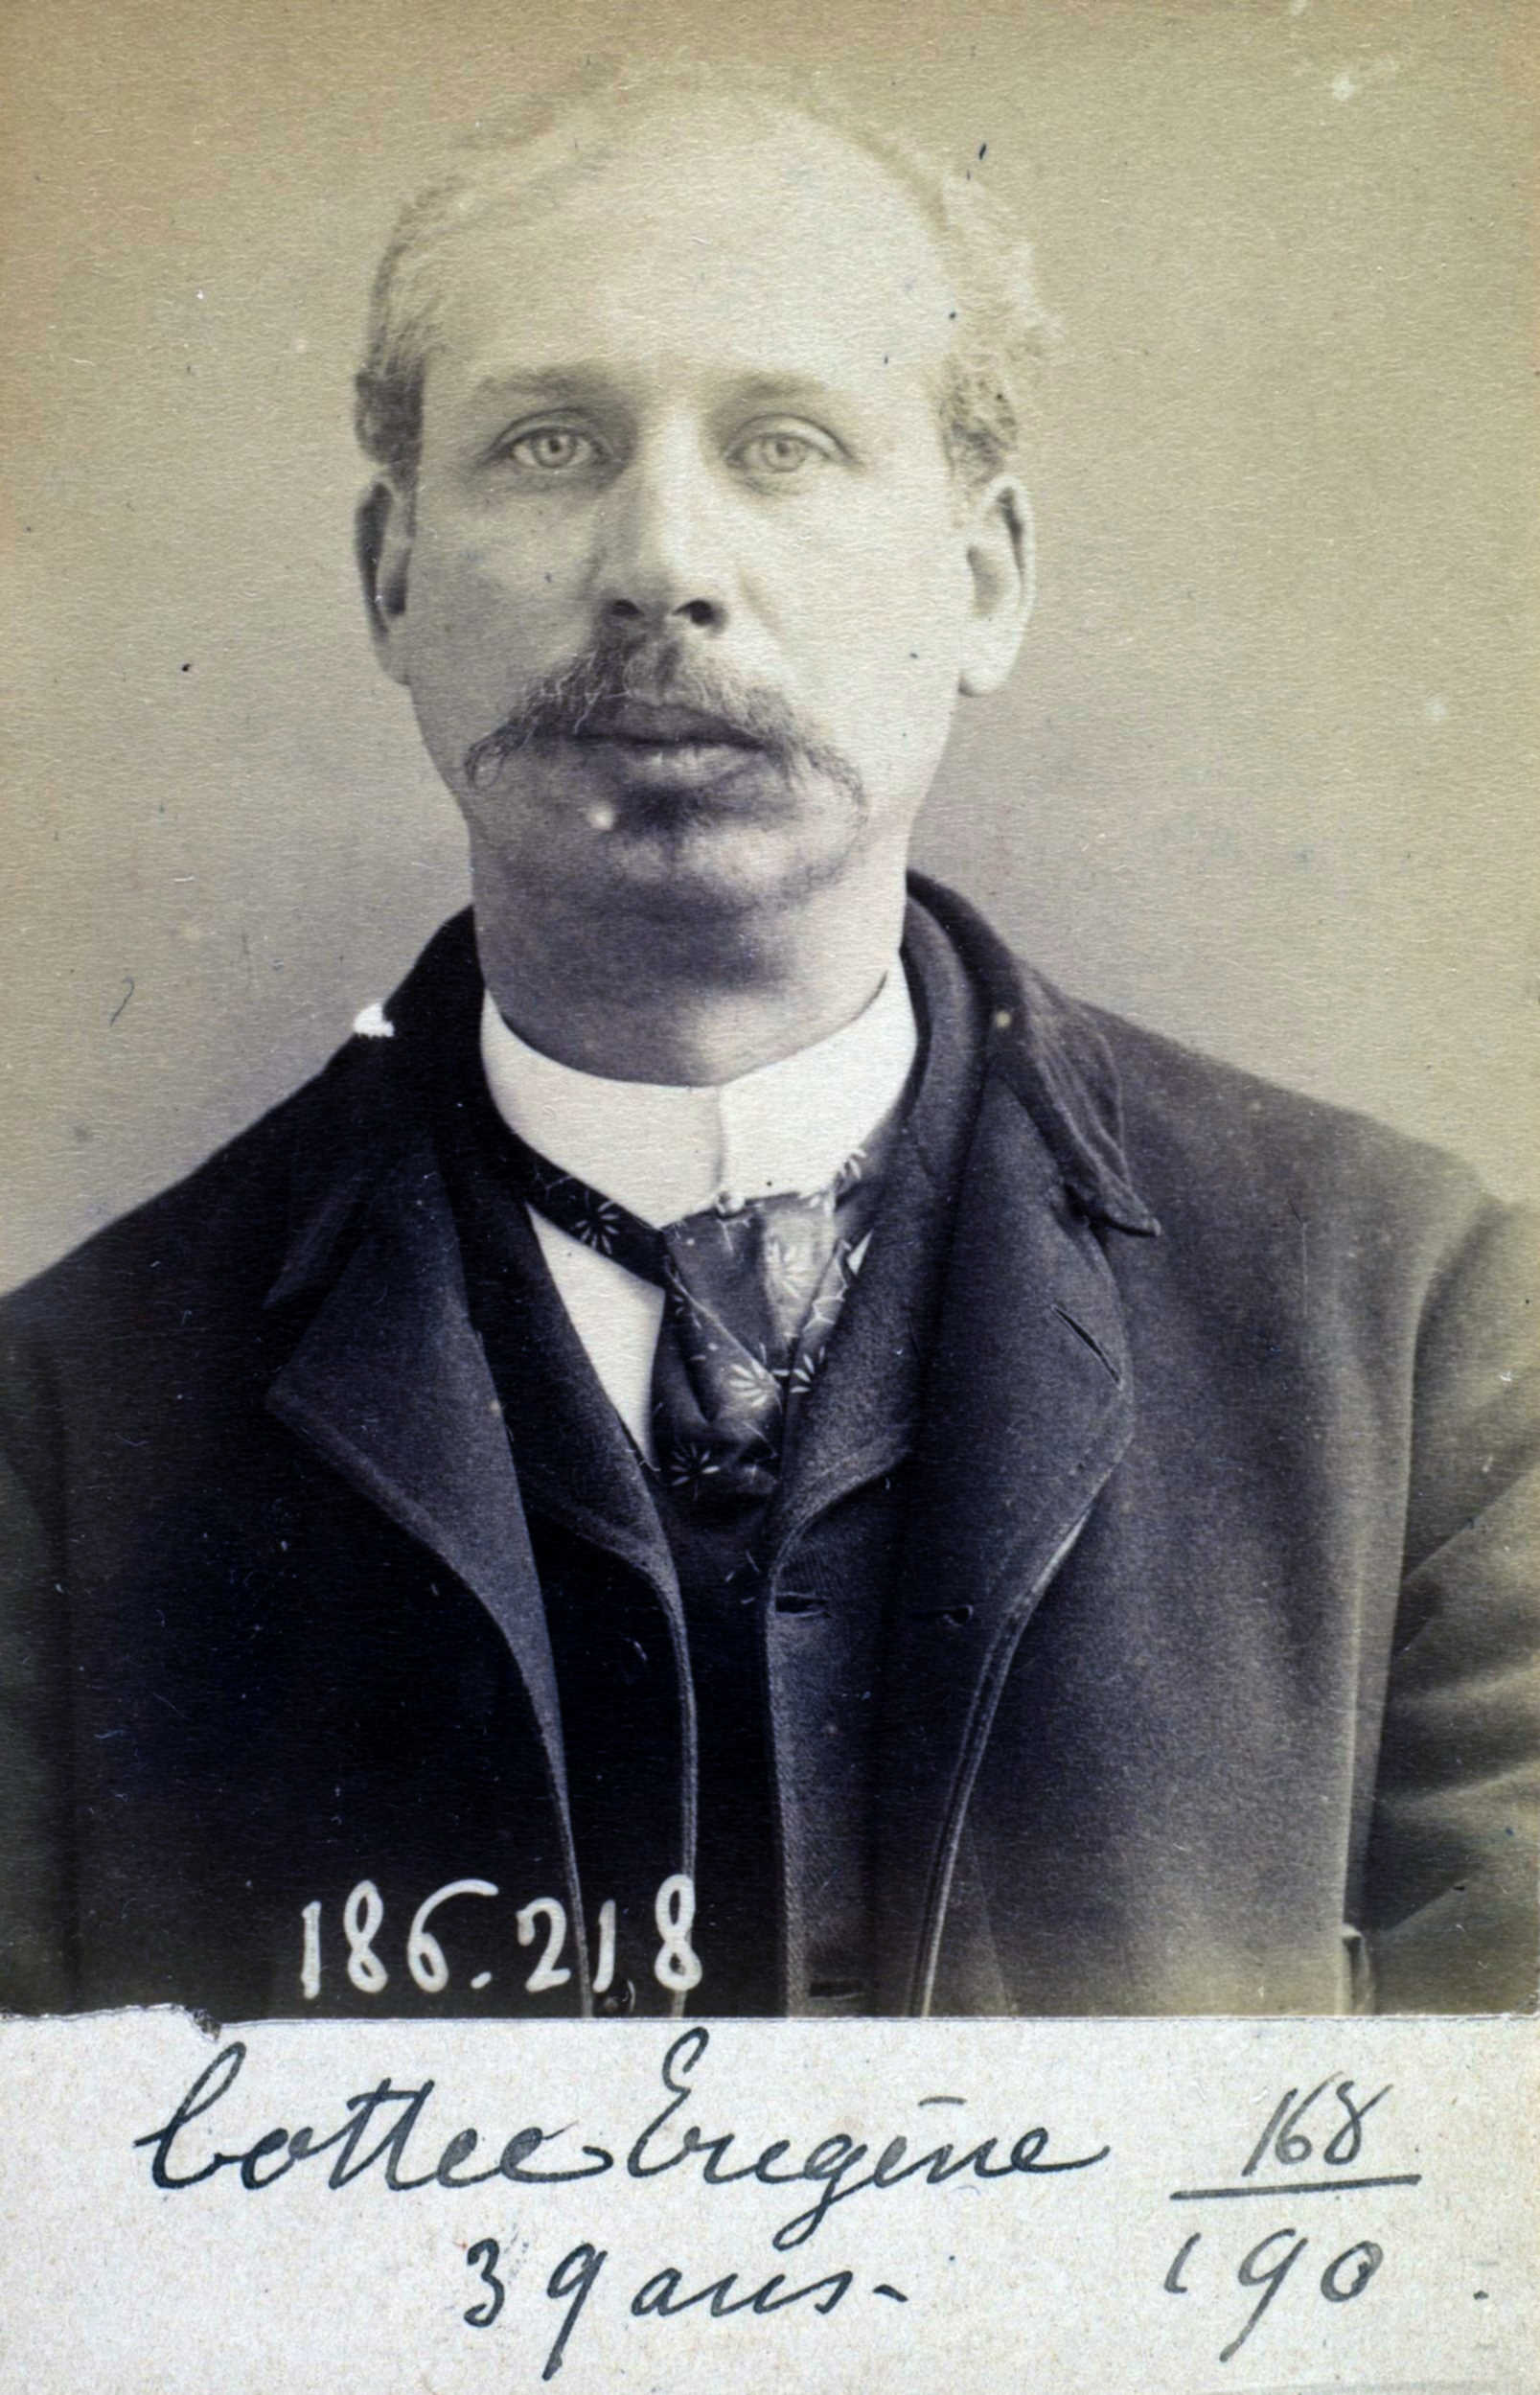 Foto policíaca d'Eugène Cottée (6 d'abril de 1892)